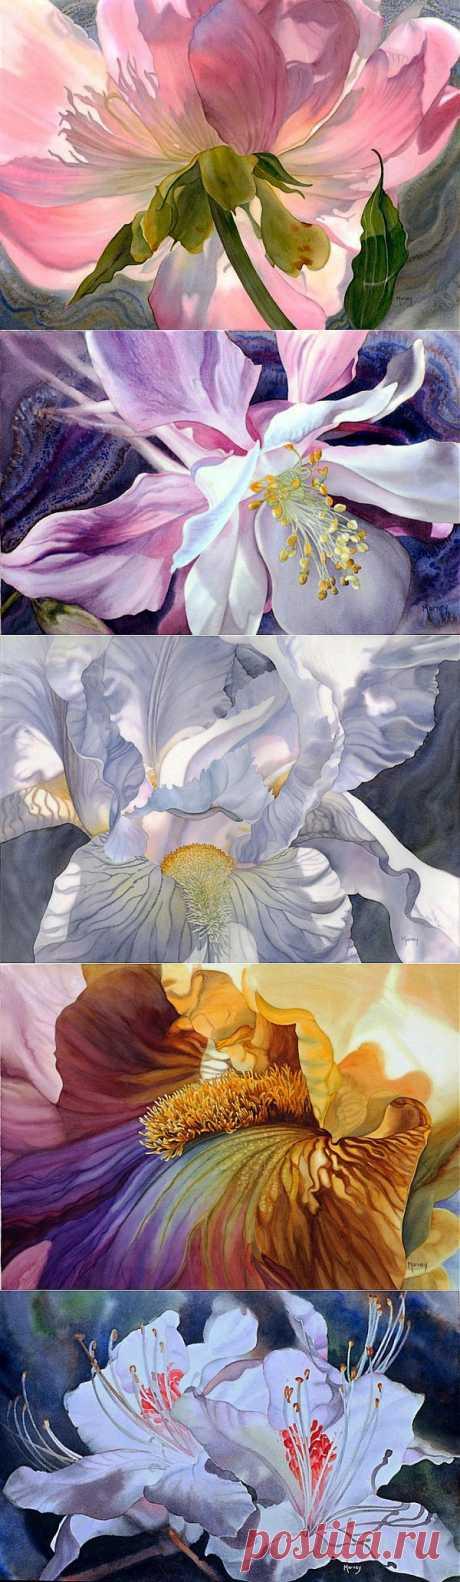 Цветы в исполнении Marney Ward.